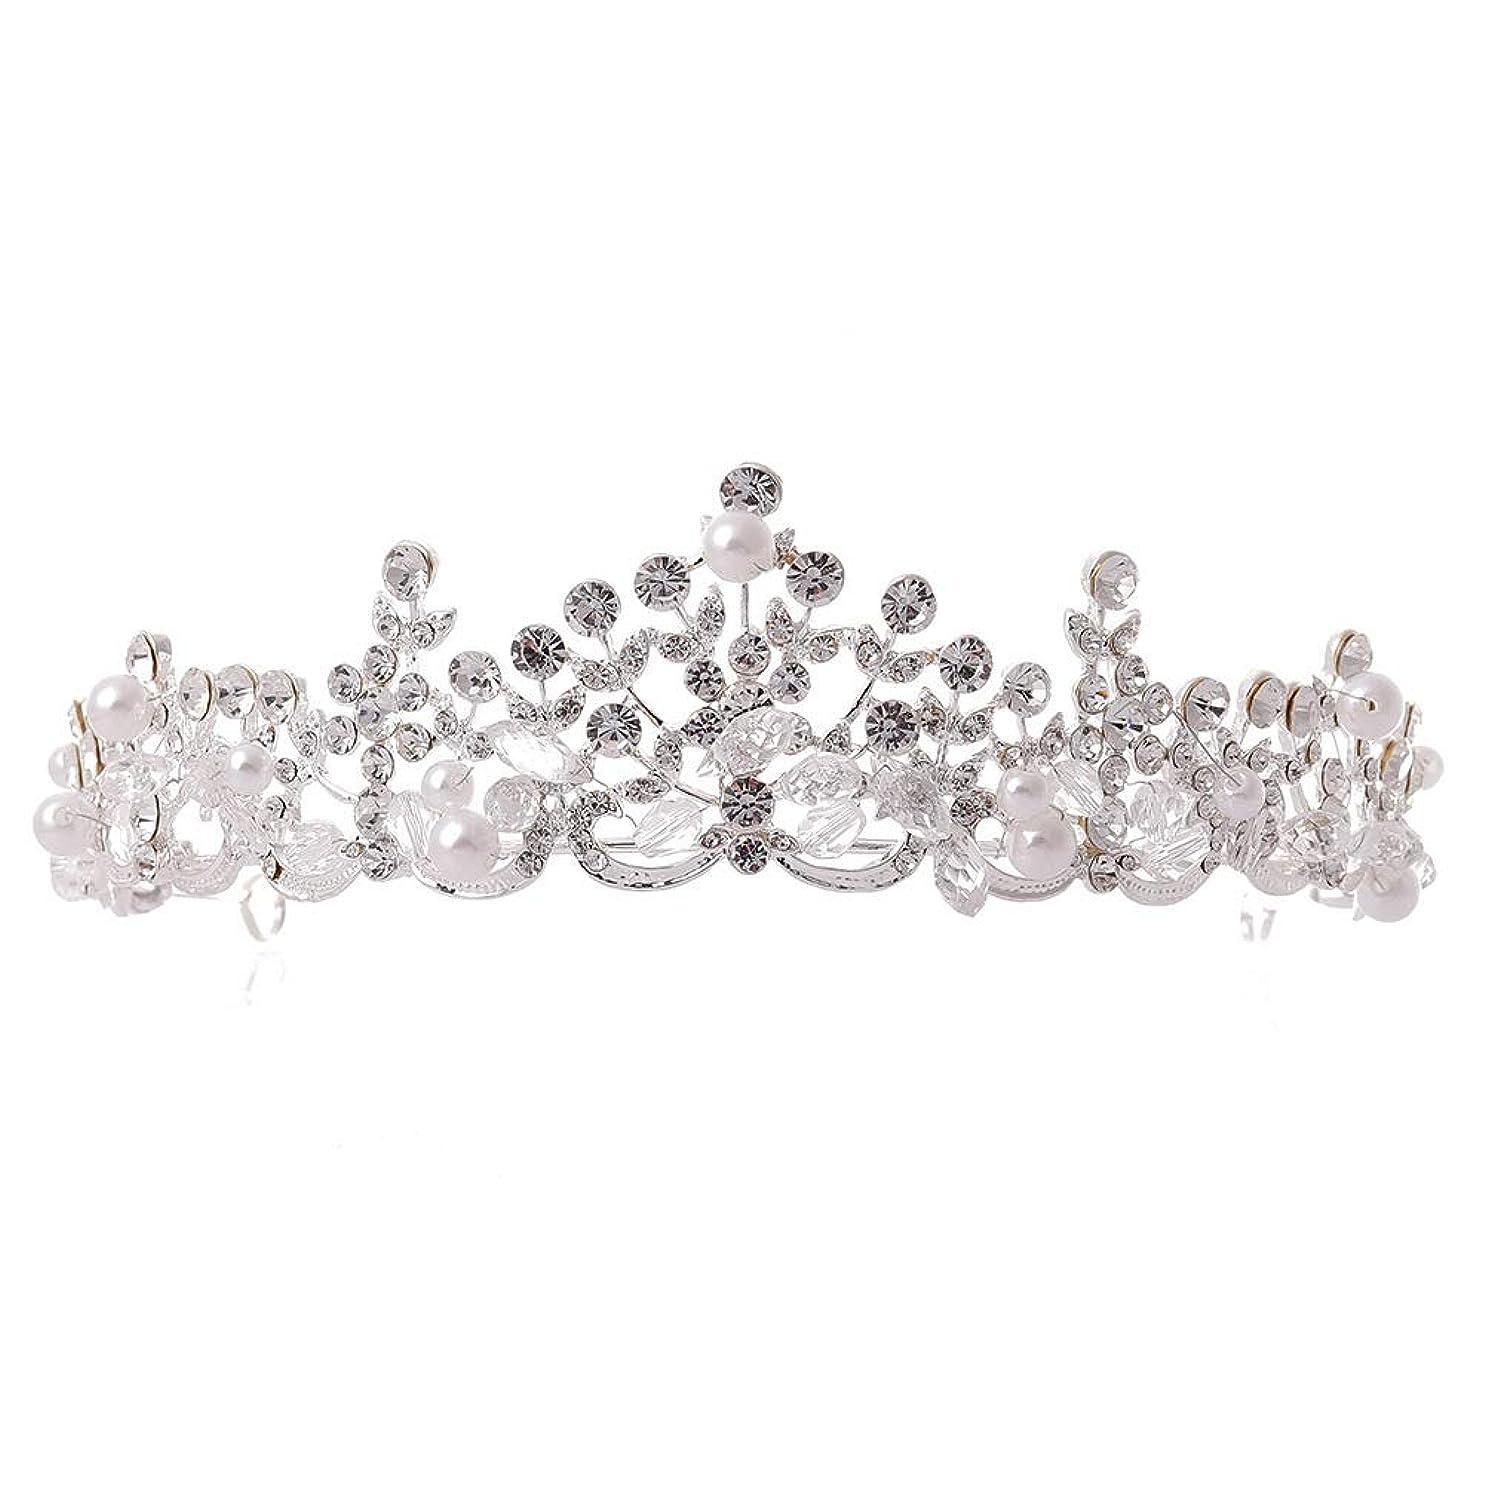 のために慈悲前花嫁の爪チェーンクラウンヨーロッパと米国の人気の結婚式のラインストーン結婚式のヘッドウェアアクセサリーの髪の櫛